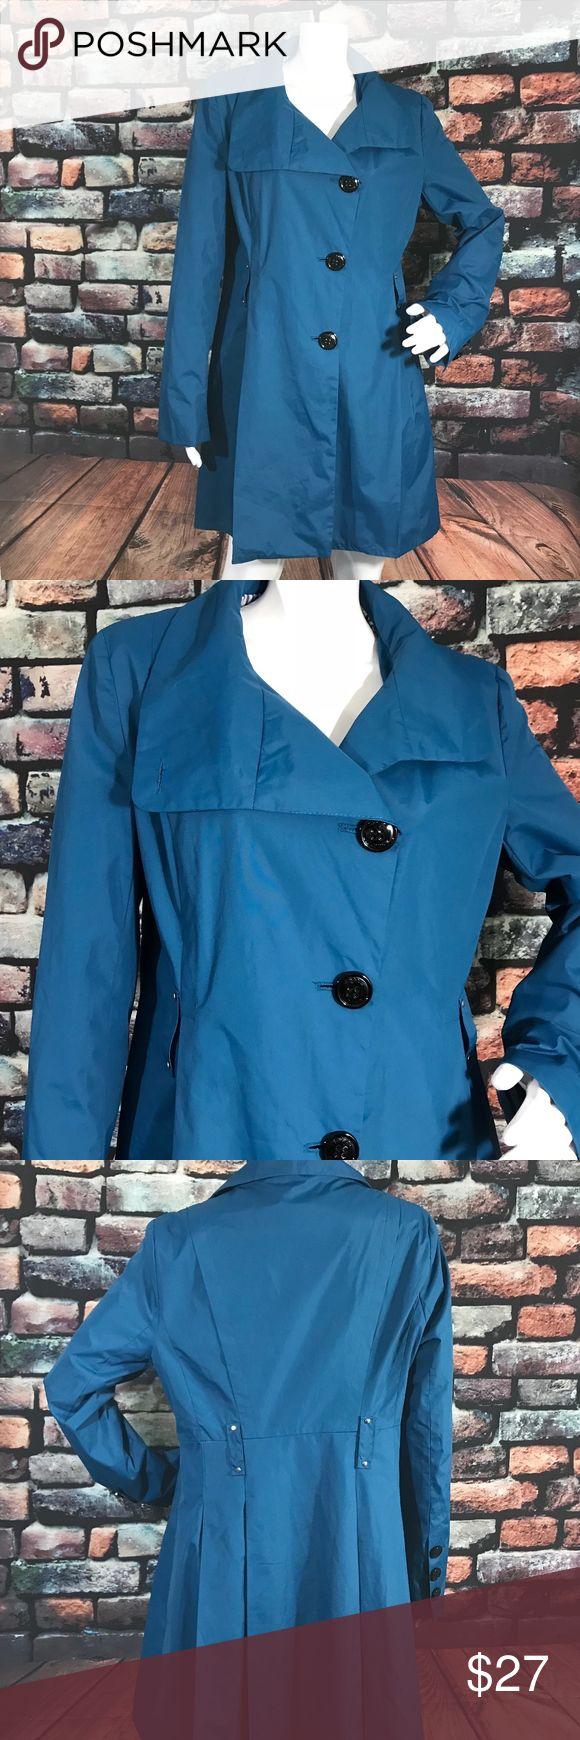 """Steve Madden Women's Trench Rain Coat Lightweight Trench Rain Coat   Armpit to Armpit: 19"""" Sleeve: 25"""" Waist: 35"""" Length: 33.5""""  pH70 Steve Madden Jackets & Coats Trench Coats"""